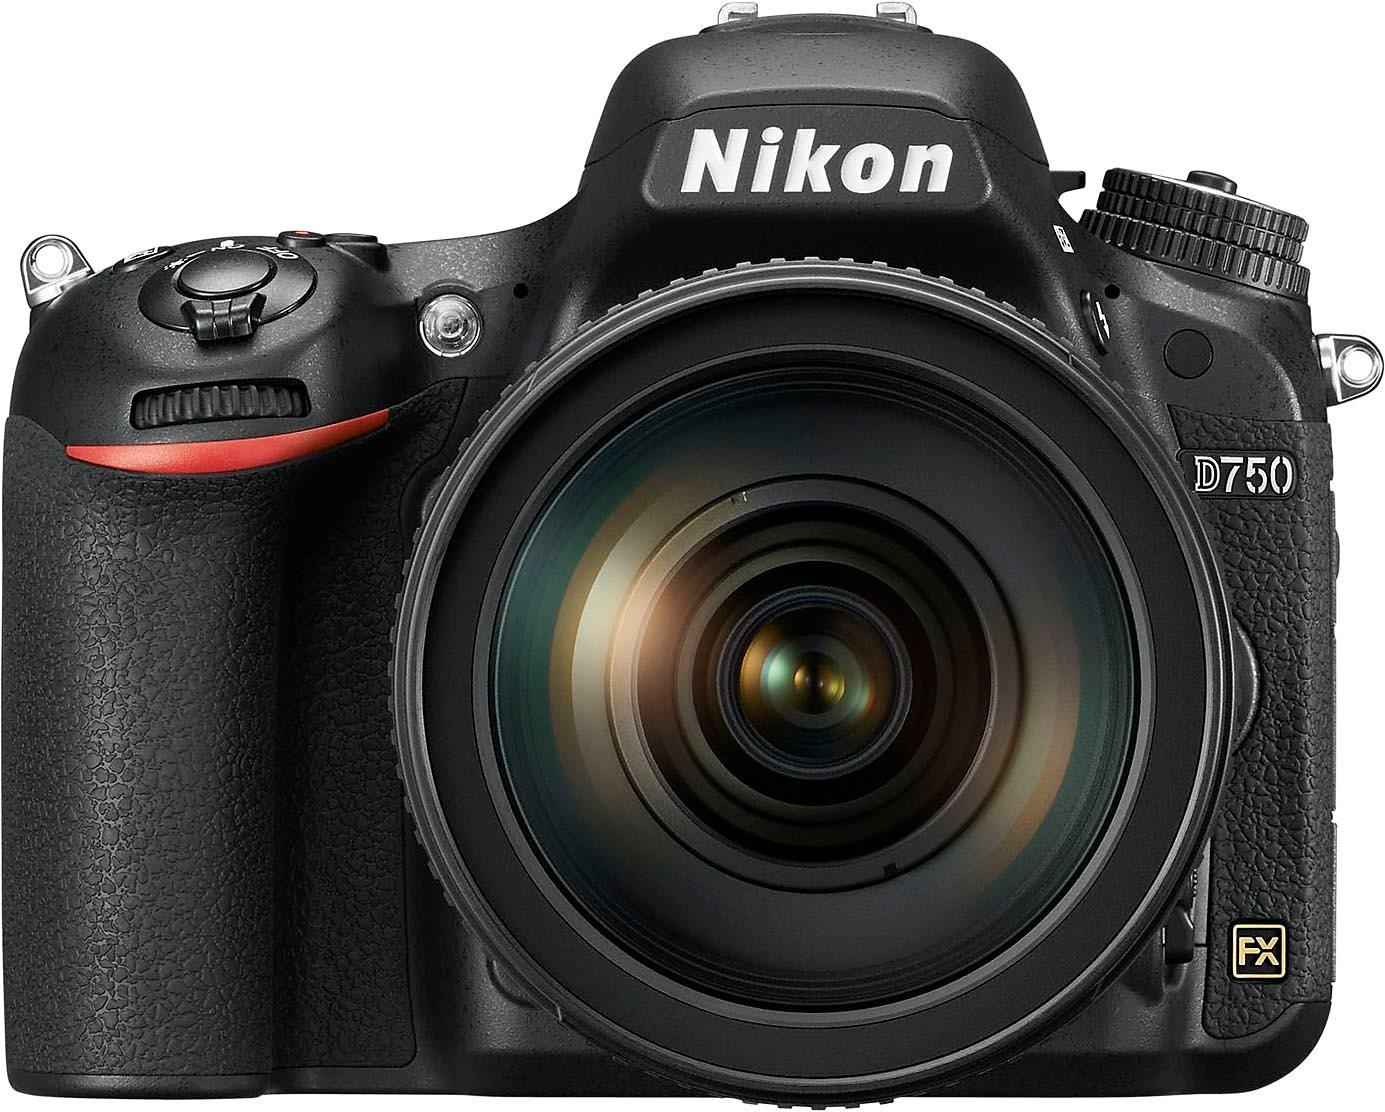 D750 Spiegelreflex Kamera, Nikkor AF-S 24-120 VR 1:4G ED, 24,3 Megapixel